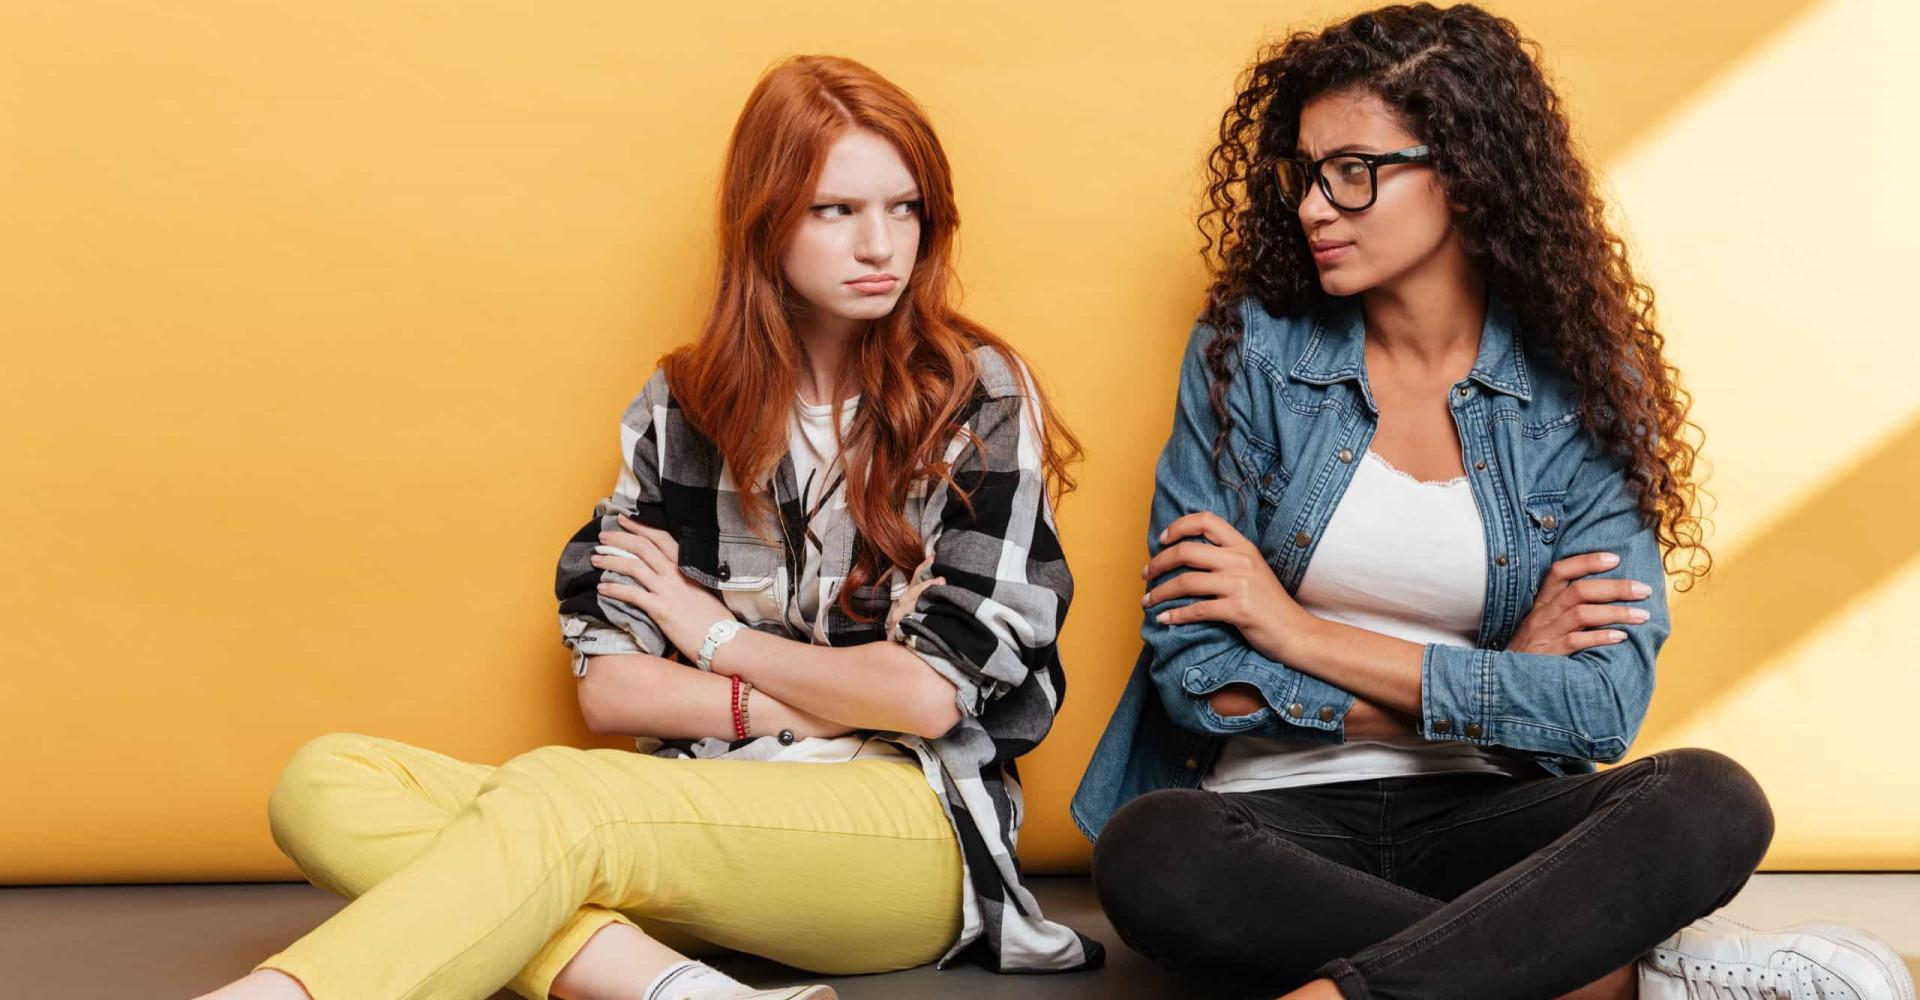 Zijn je vrienden jaloers op je relatie?